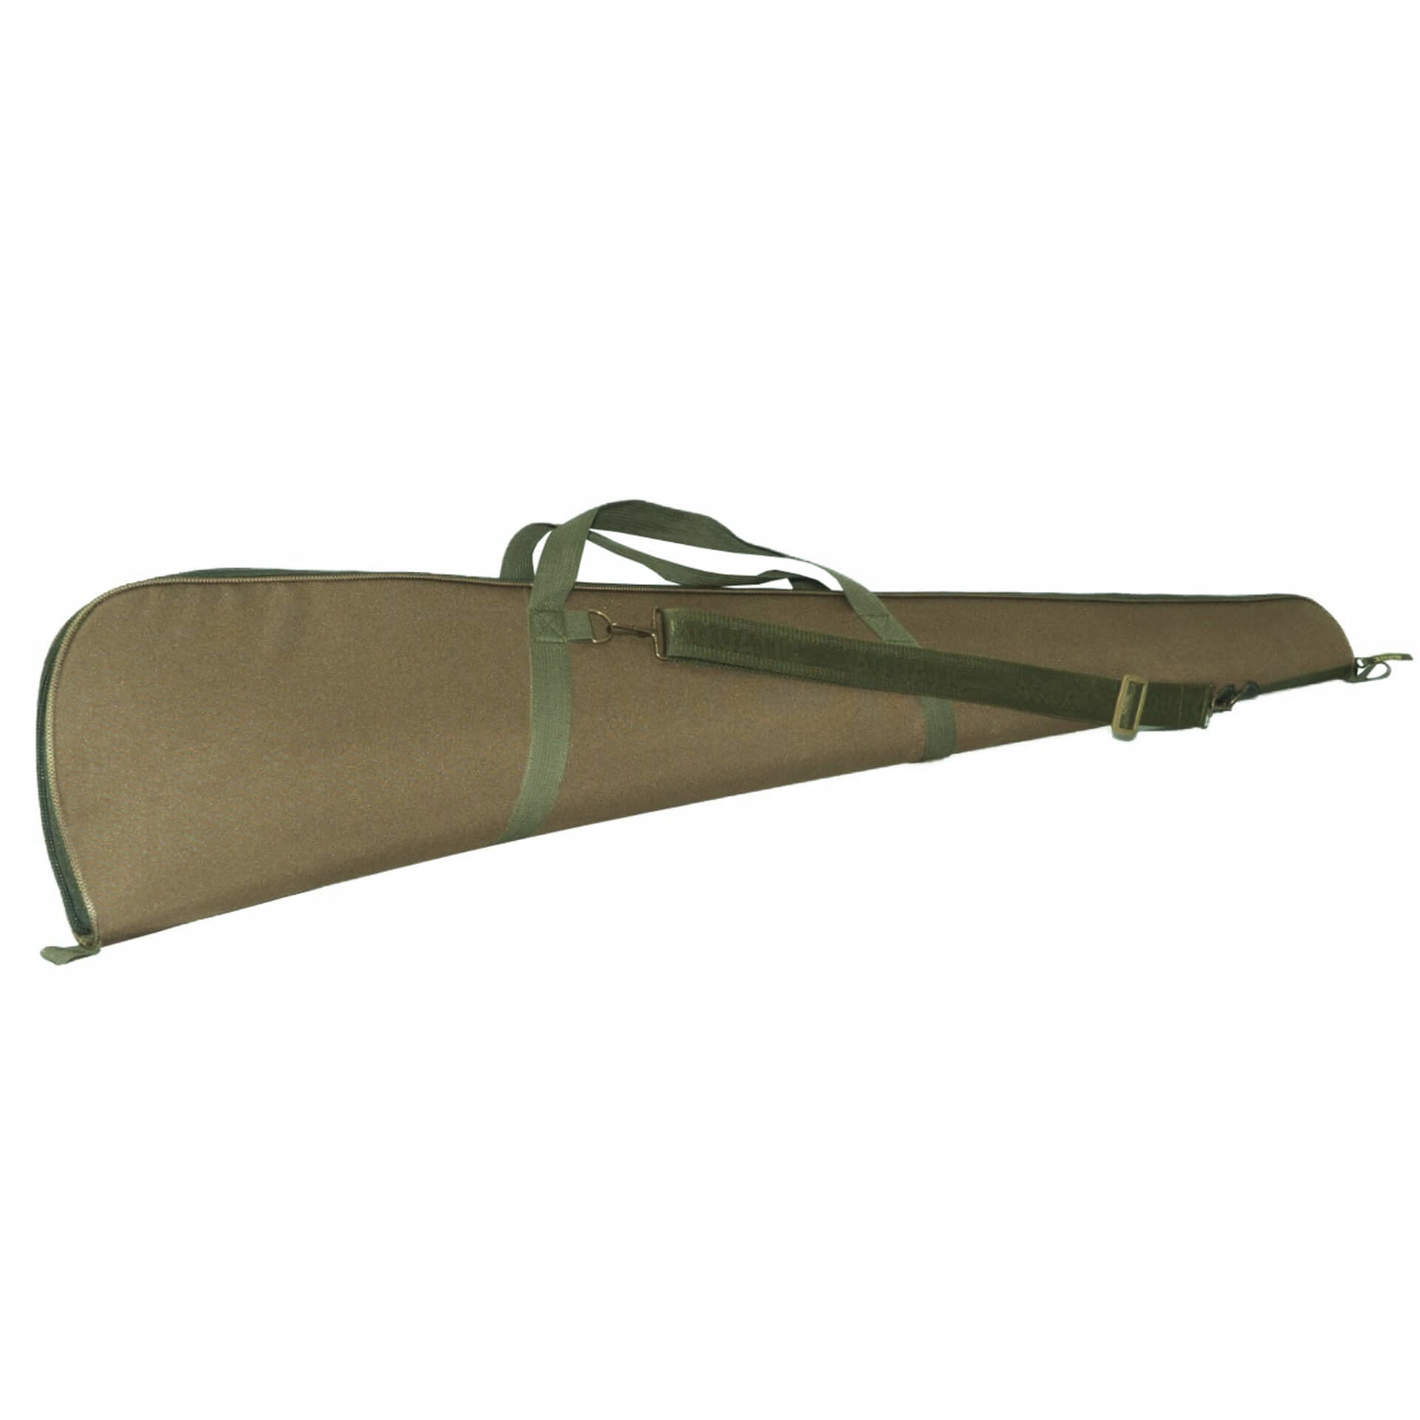 Чехол Aquatic ЧО-35 для оружия без оптики полужесткий